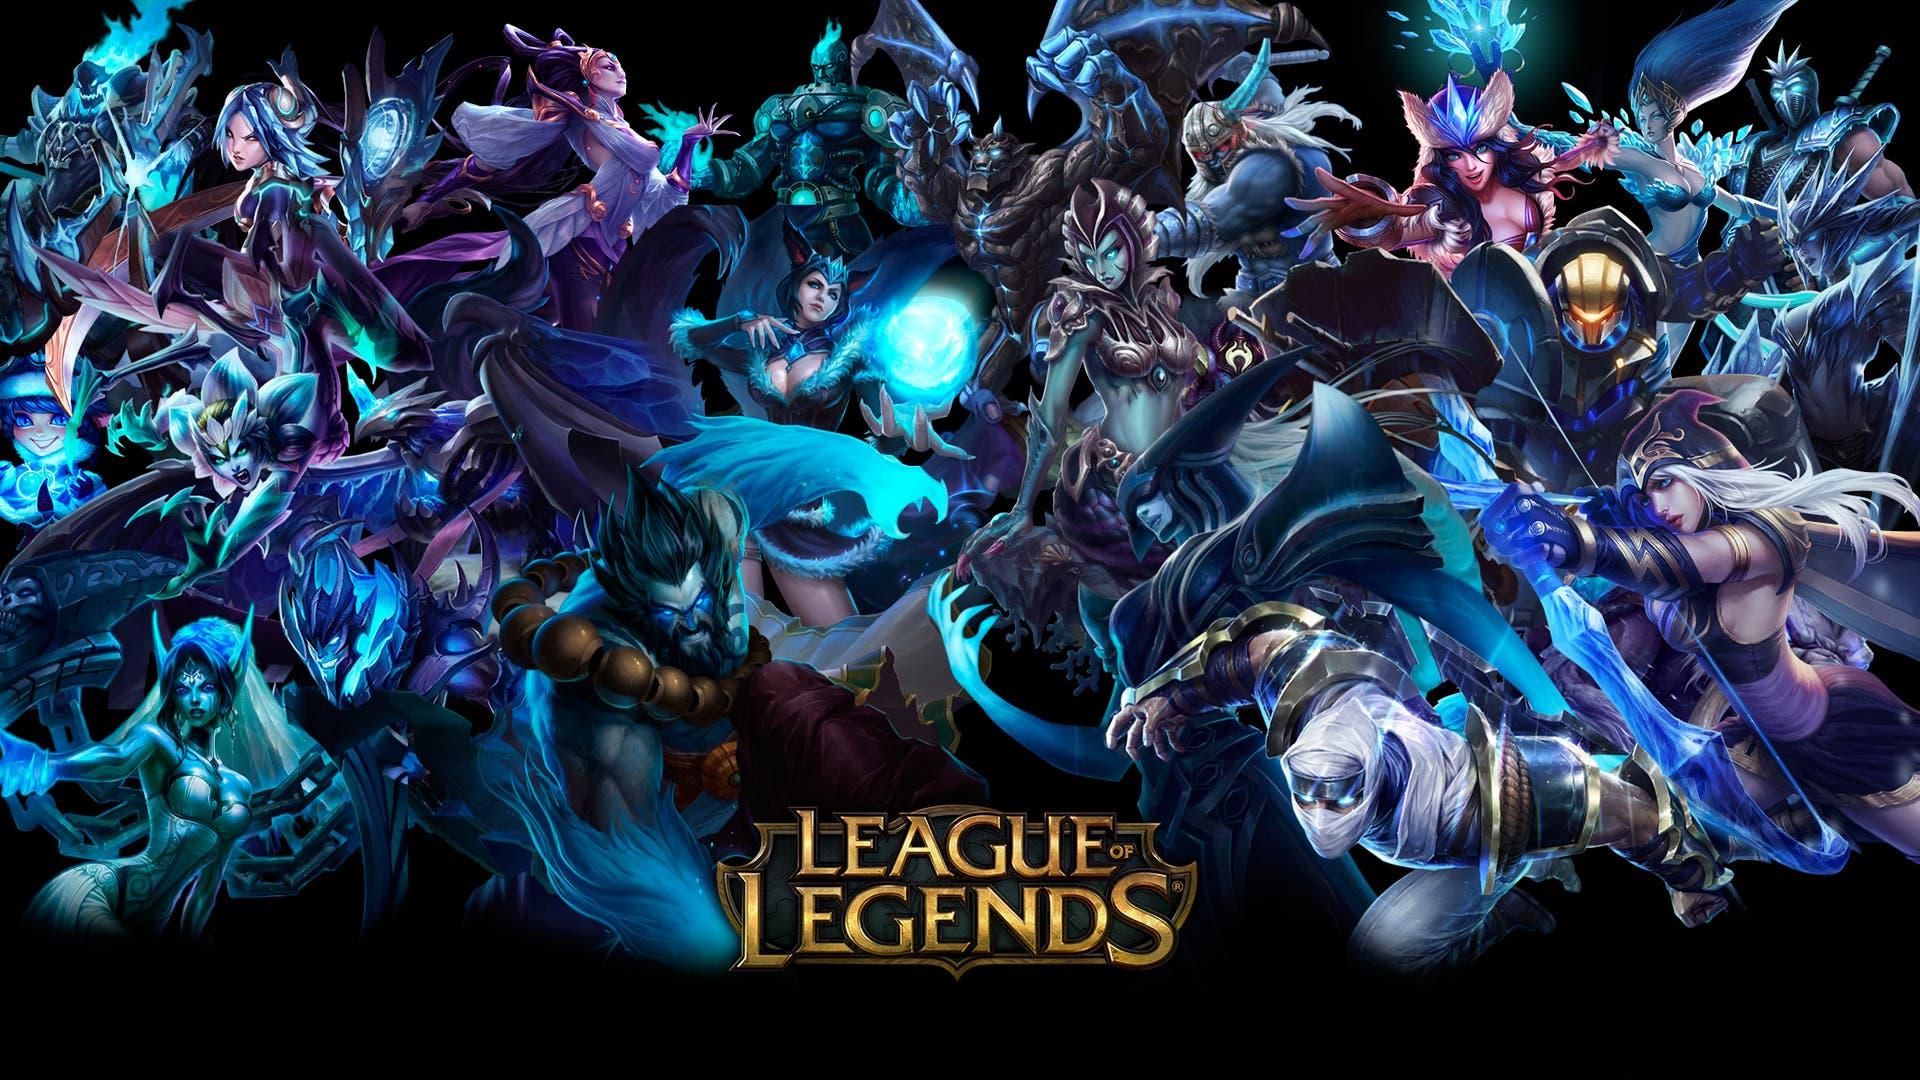 Imagen de League of Legends alcanza los 100 millones de usuarios mensuales